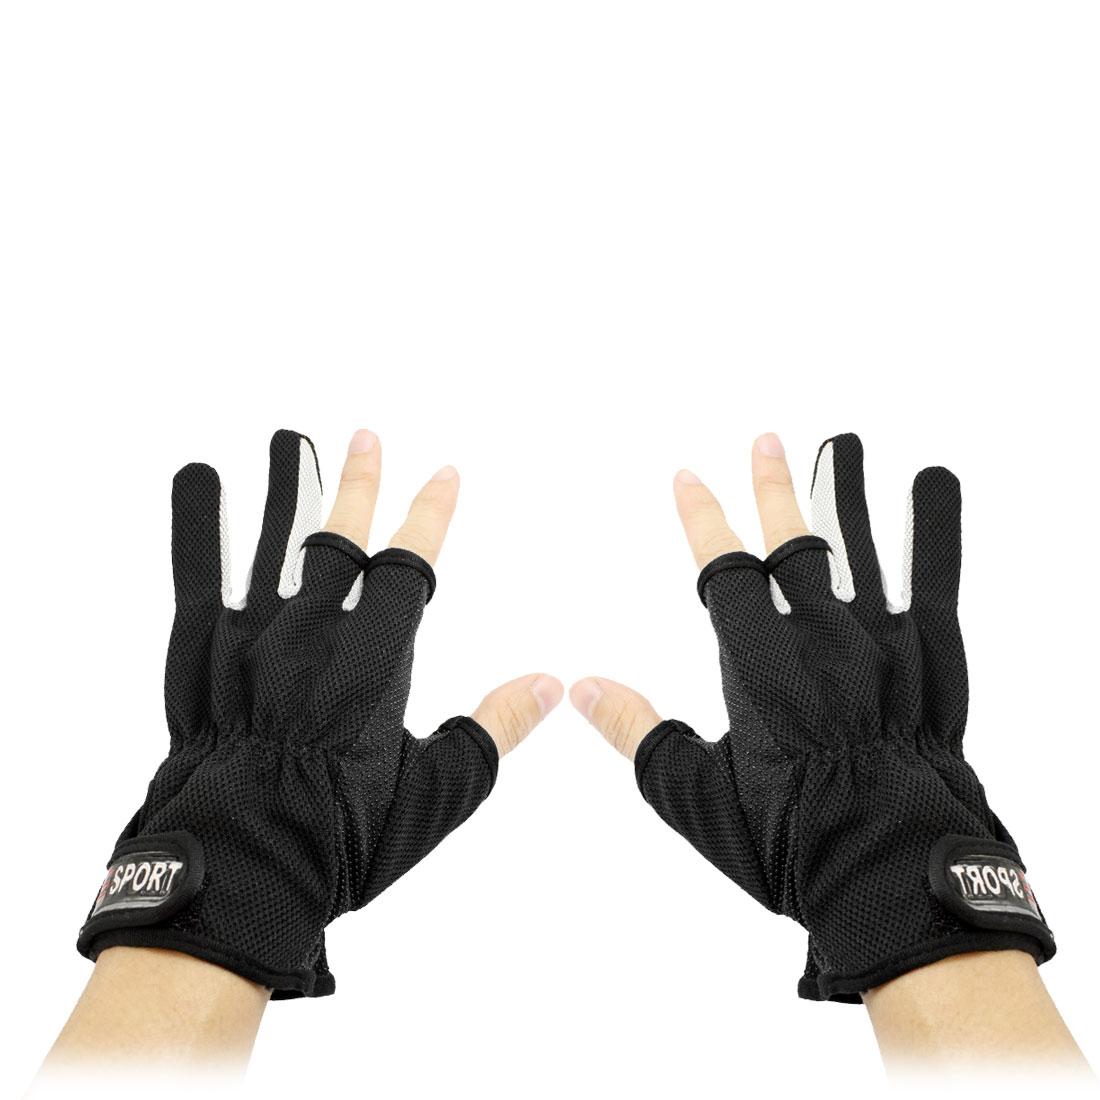 Adjustable Loop Hook Closure Half Full Fingers Sport Gloves Black Pair